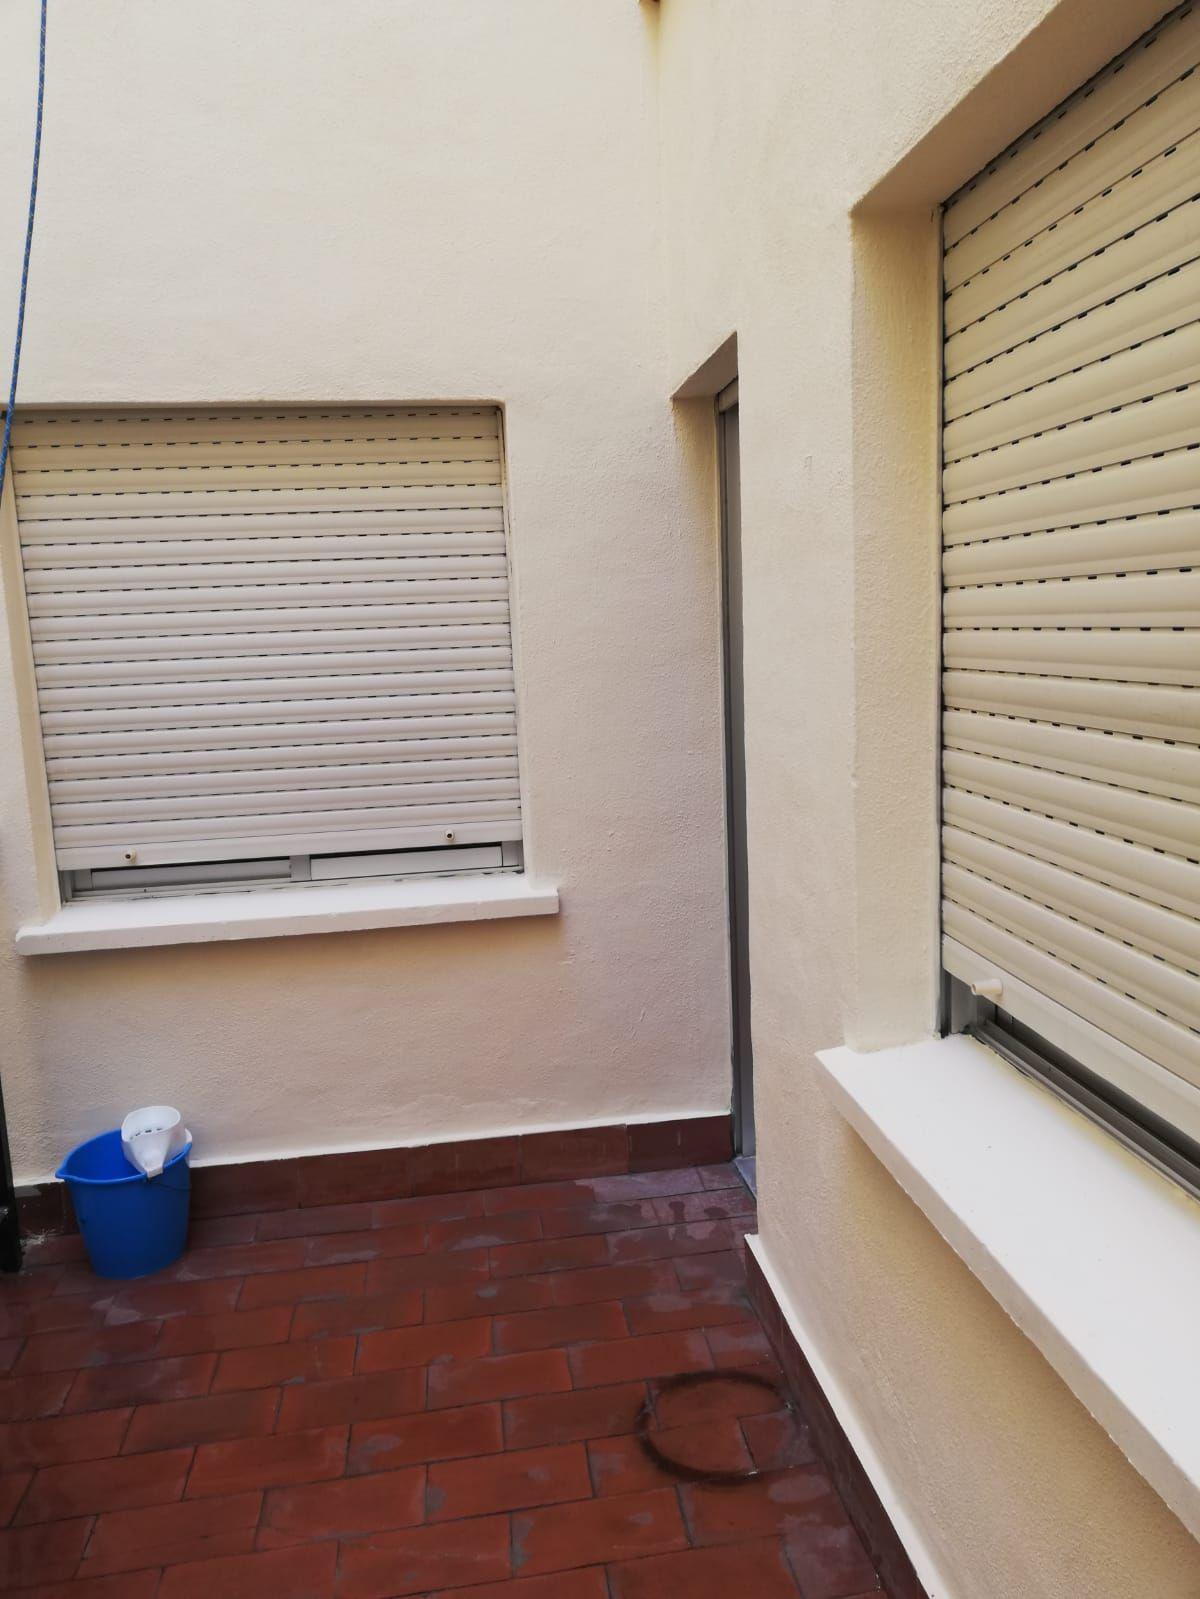 Foto 73 de Reformas en general en Logroño | Reformas Osla